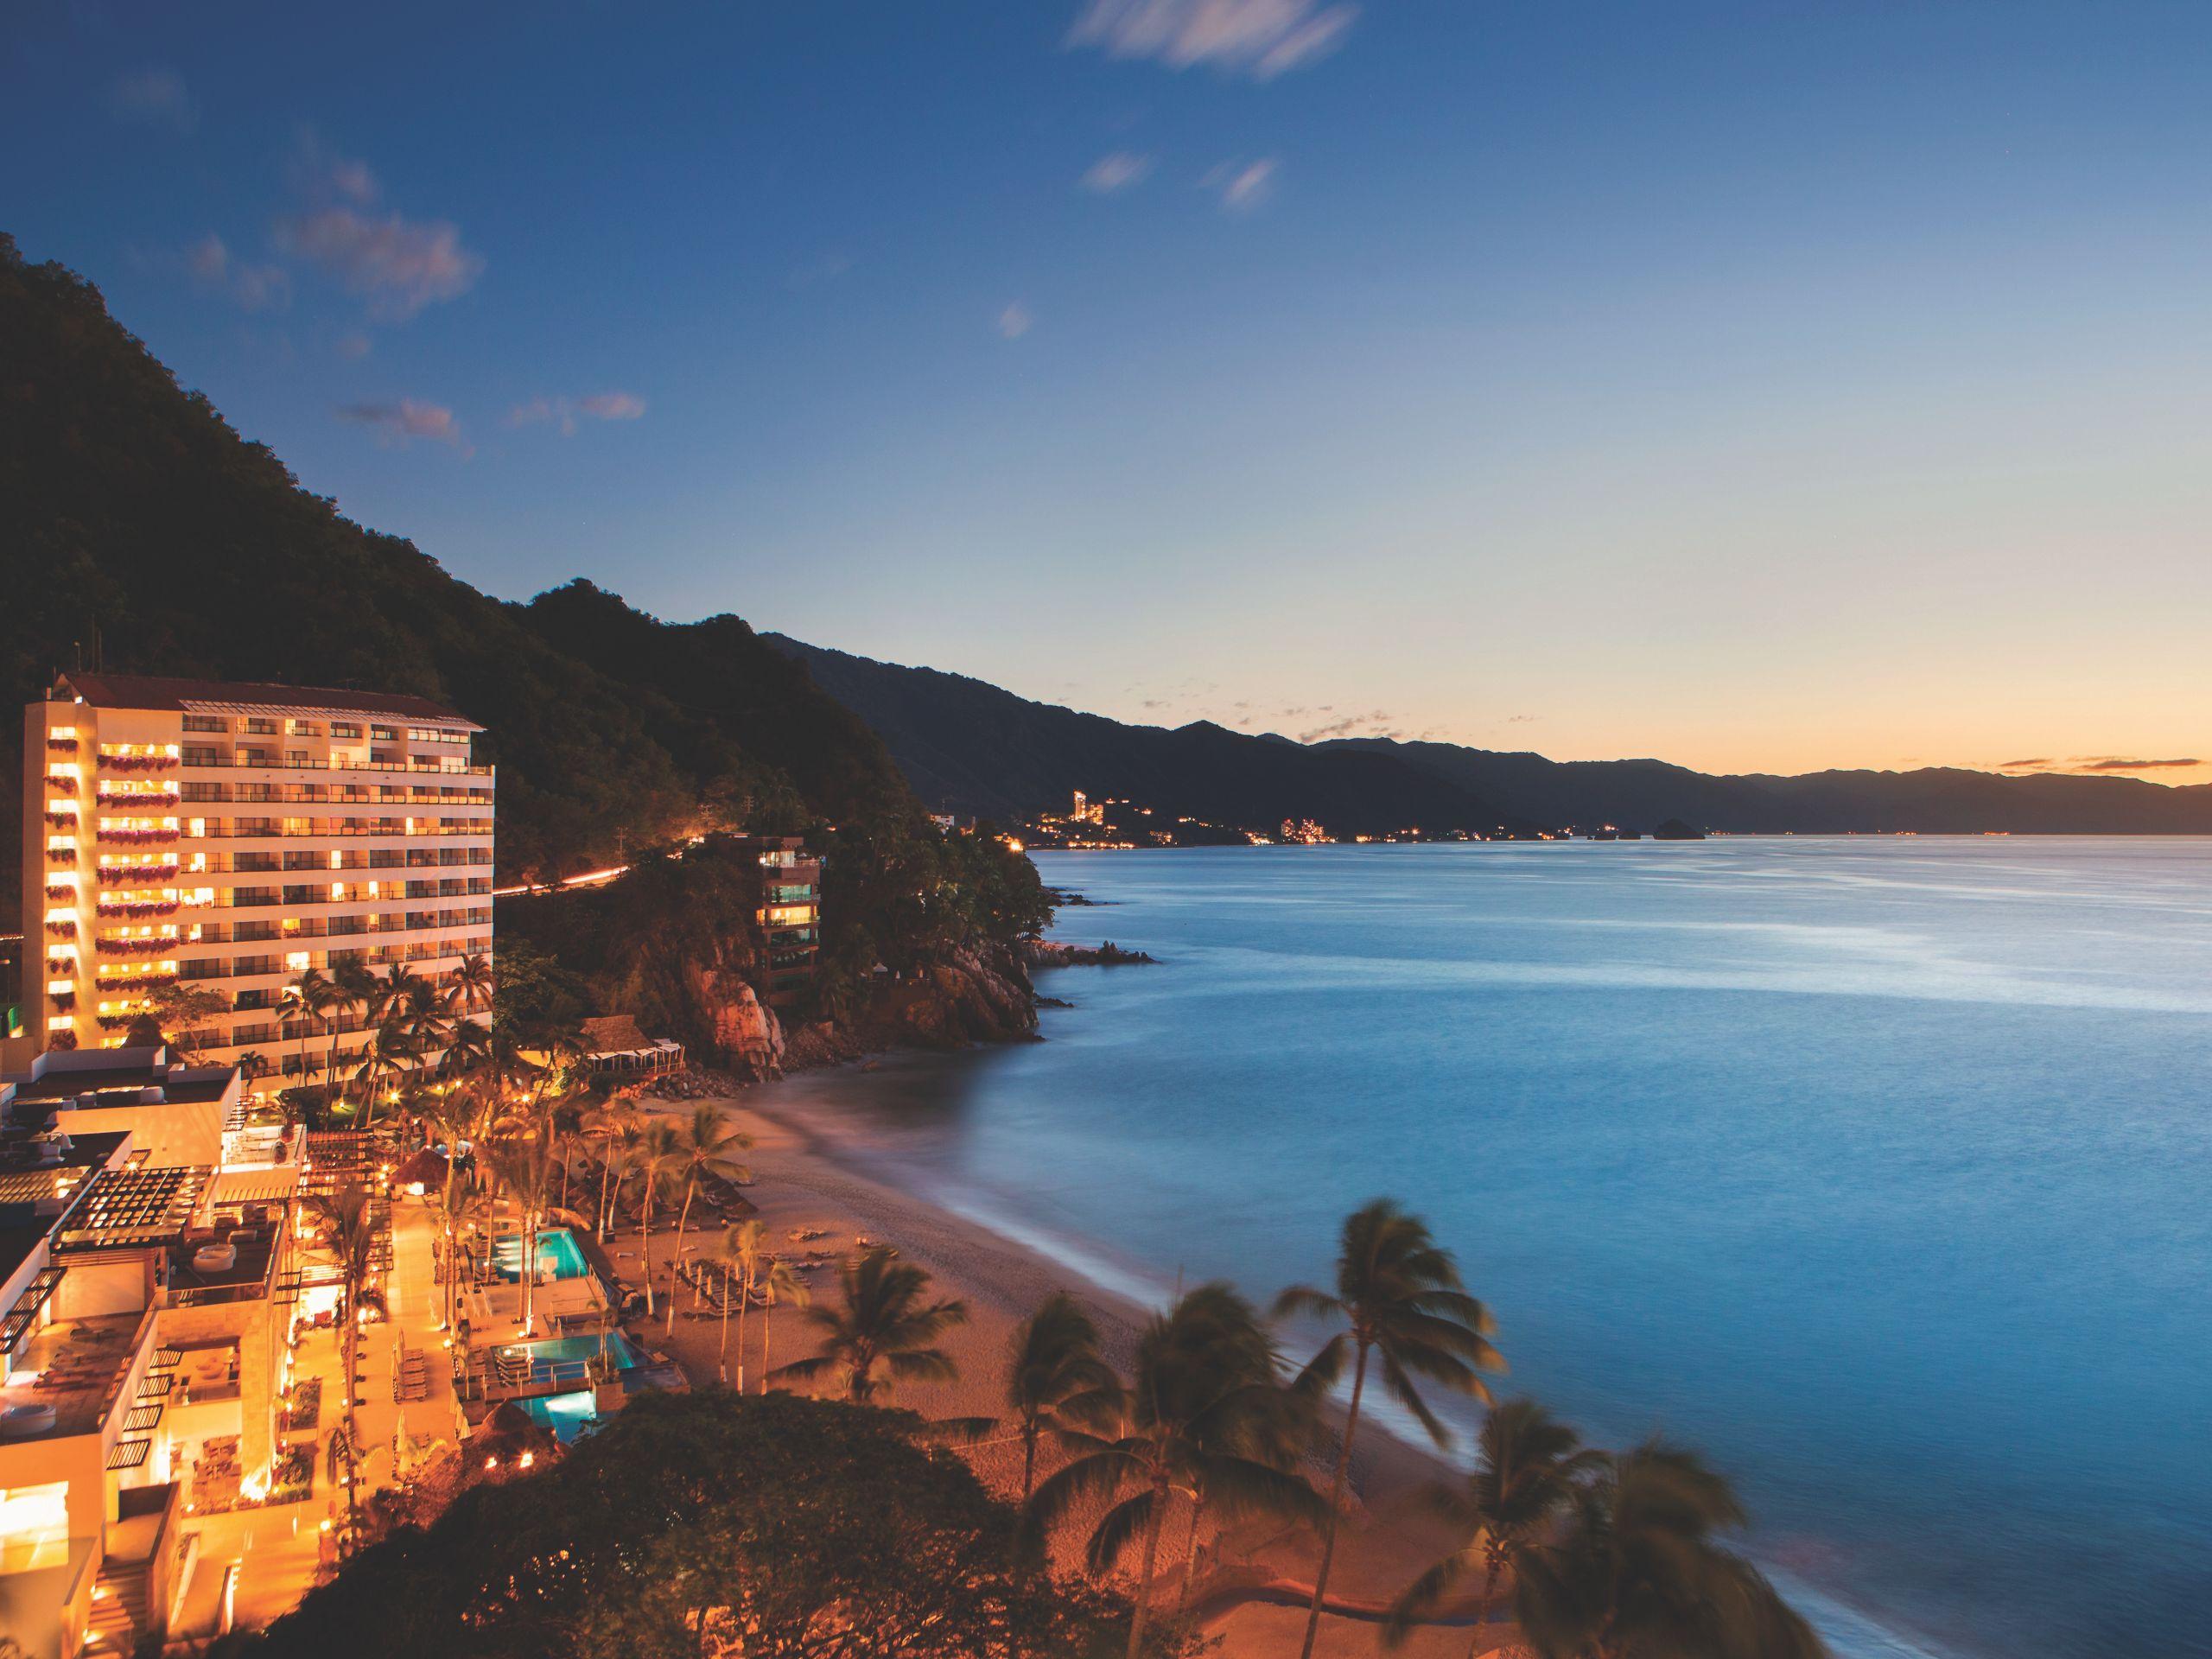 resort and beaches